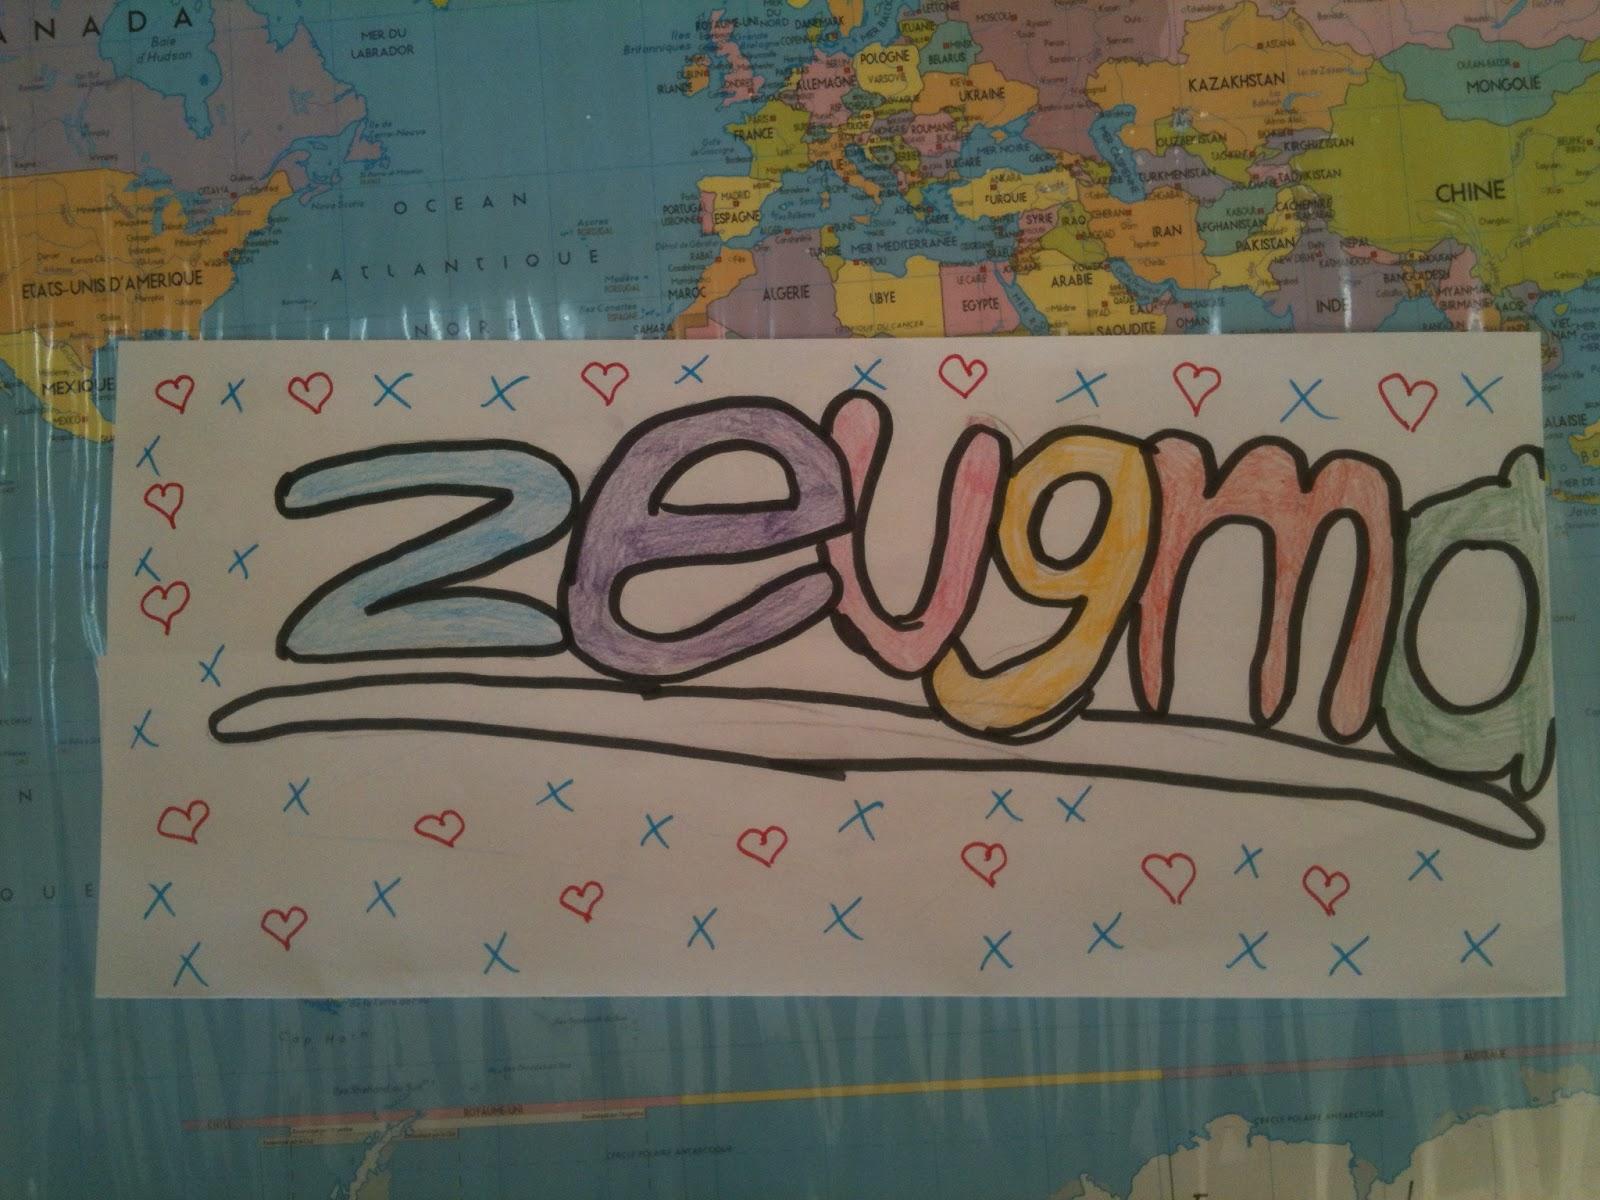 Zeugma Examples You know the word zeugma Zeugma Examples